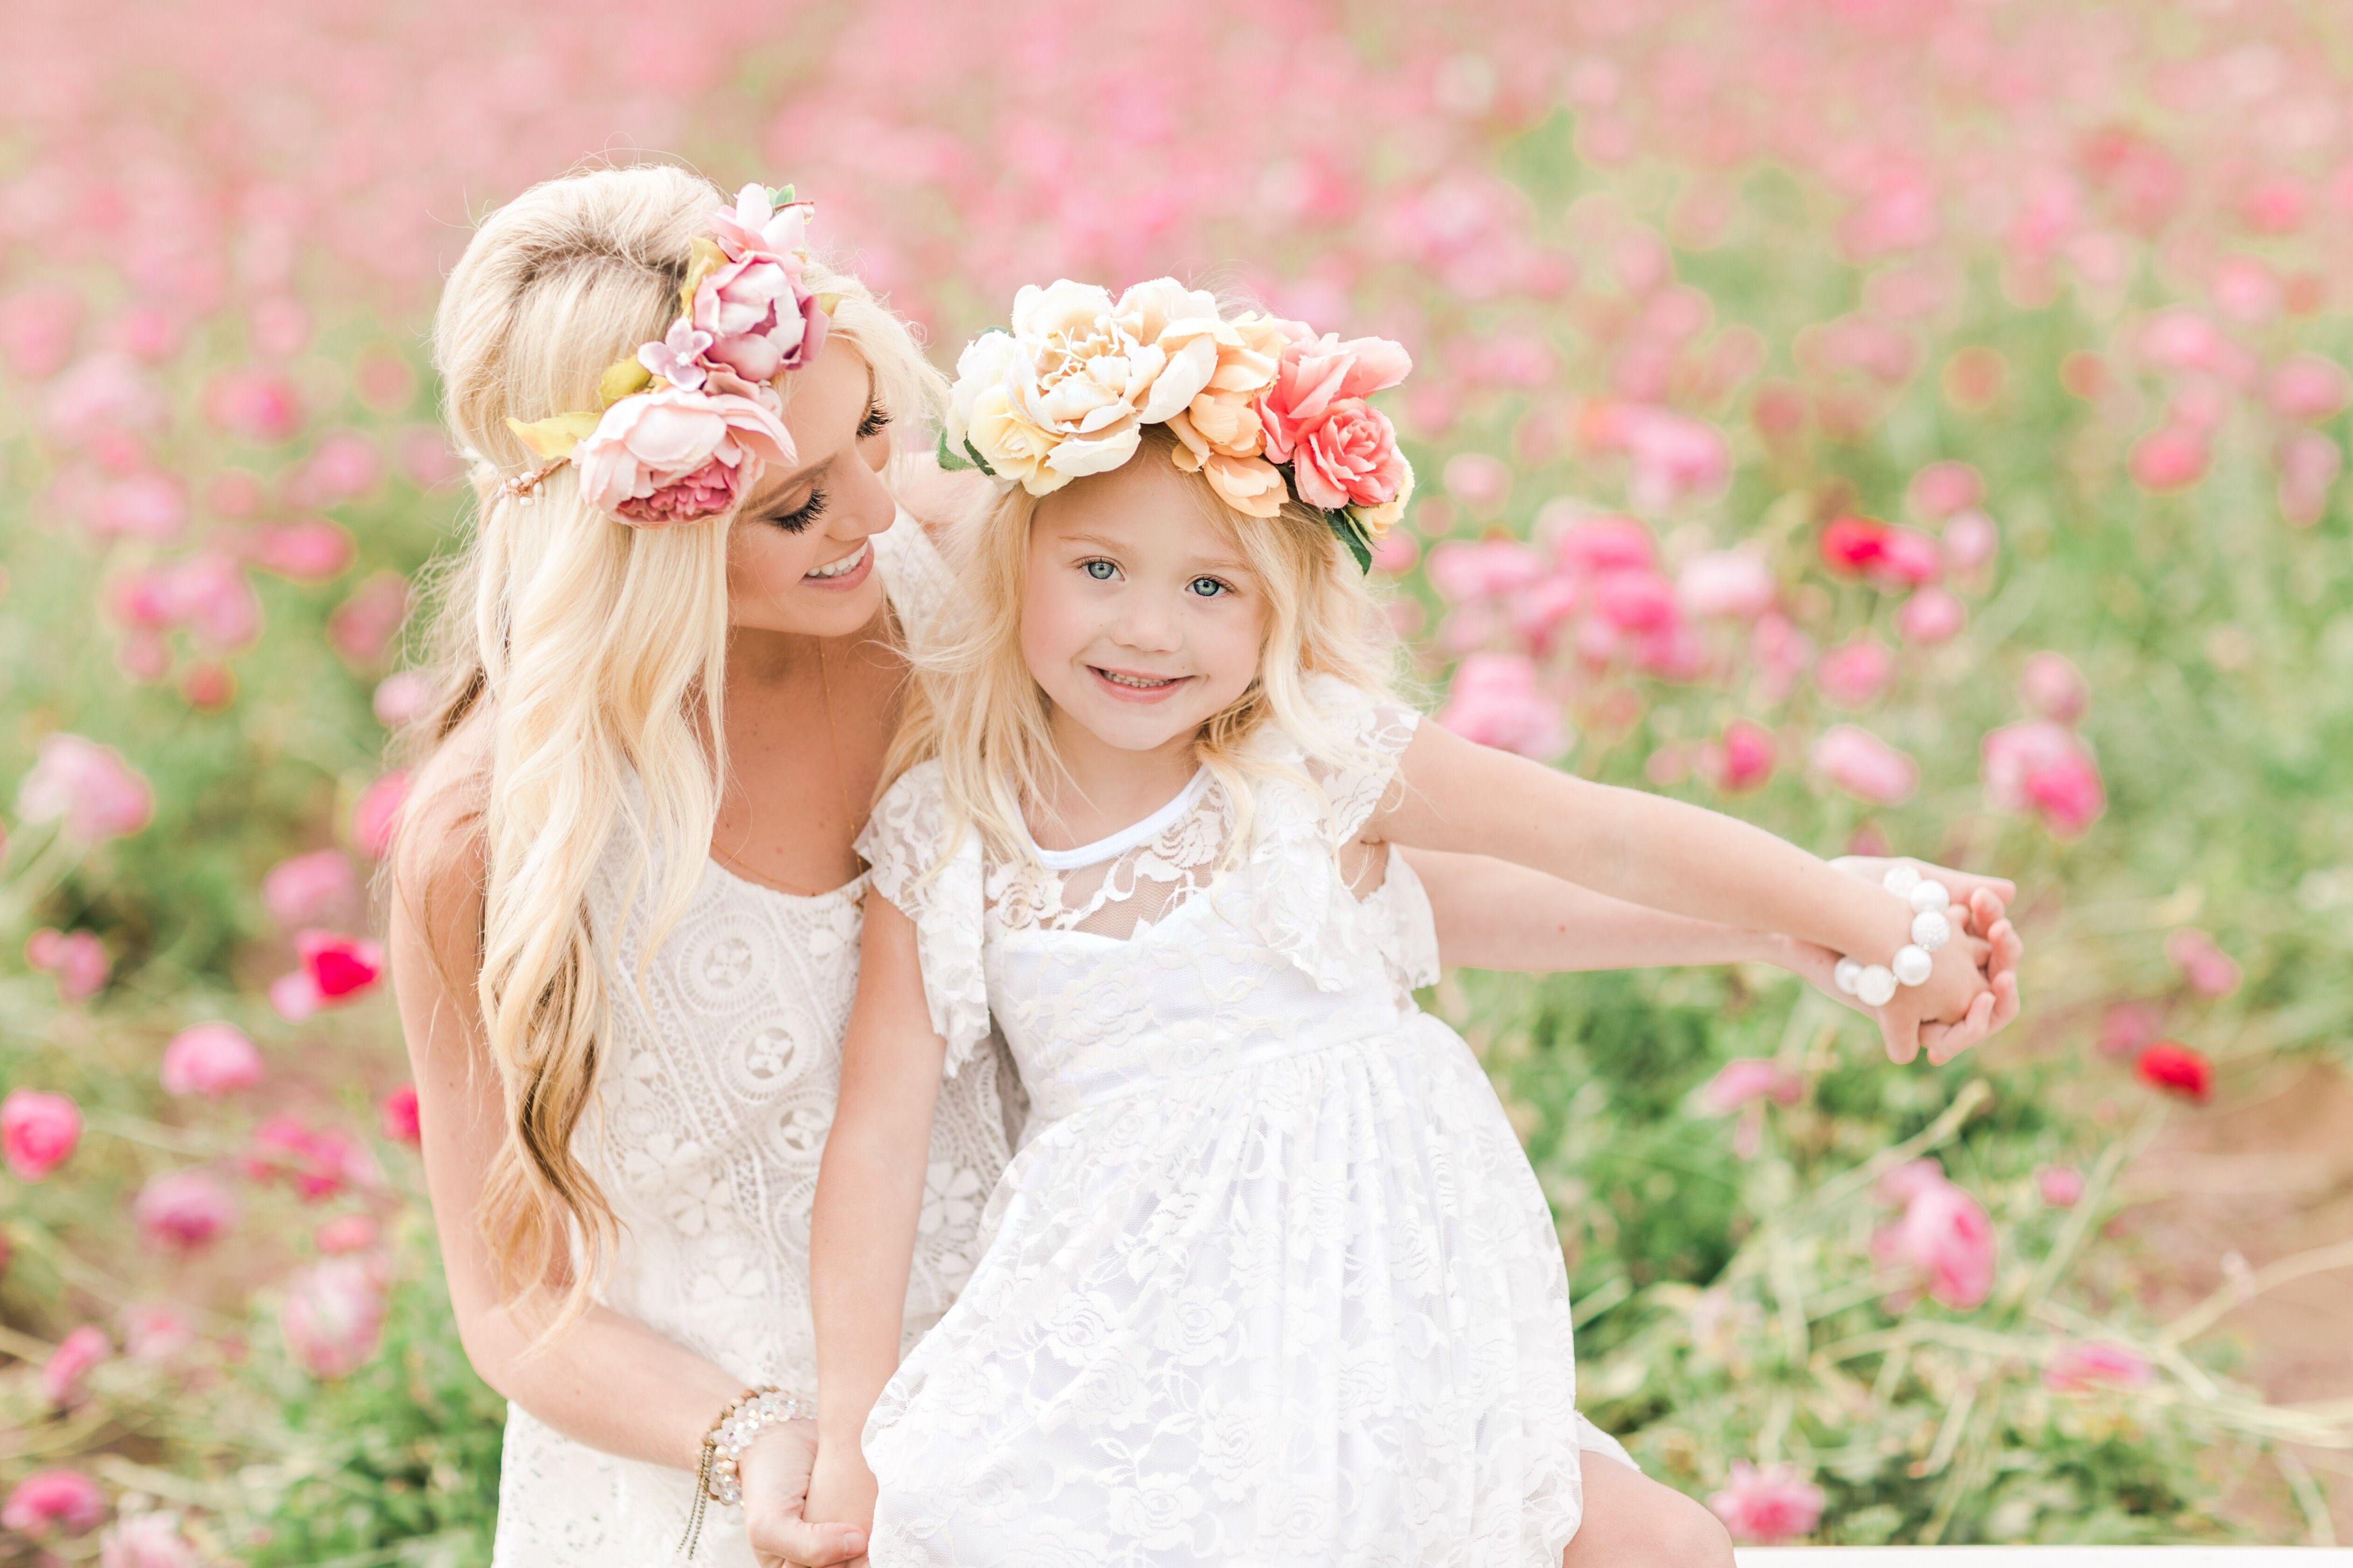 Картинки мама и дочь красивые, басик